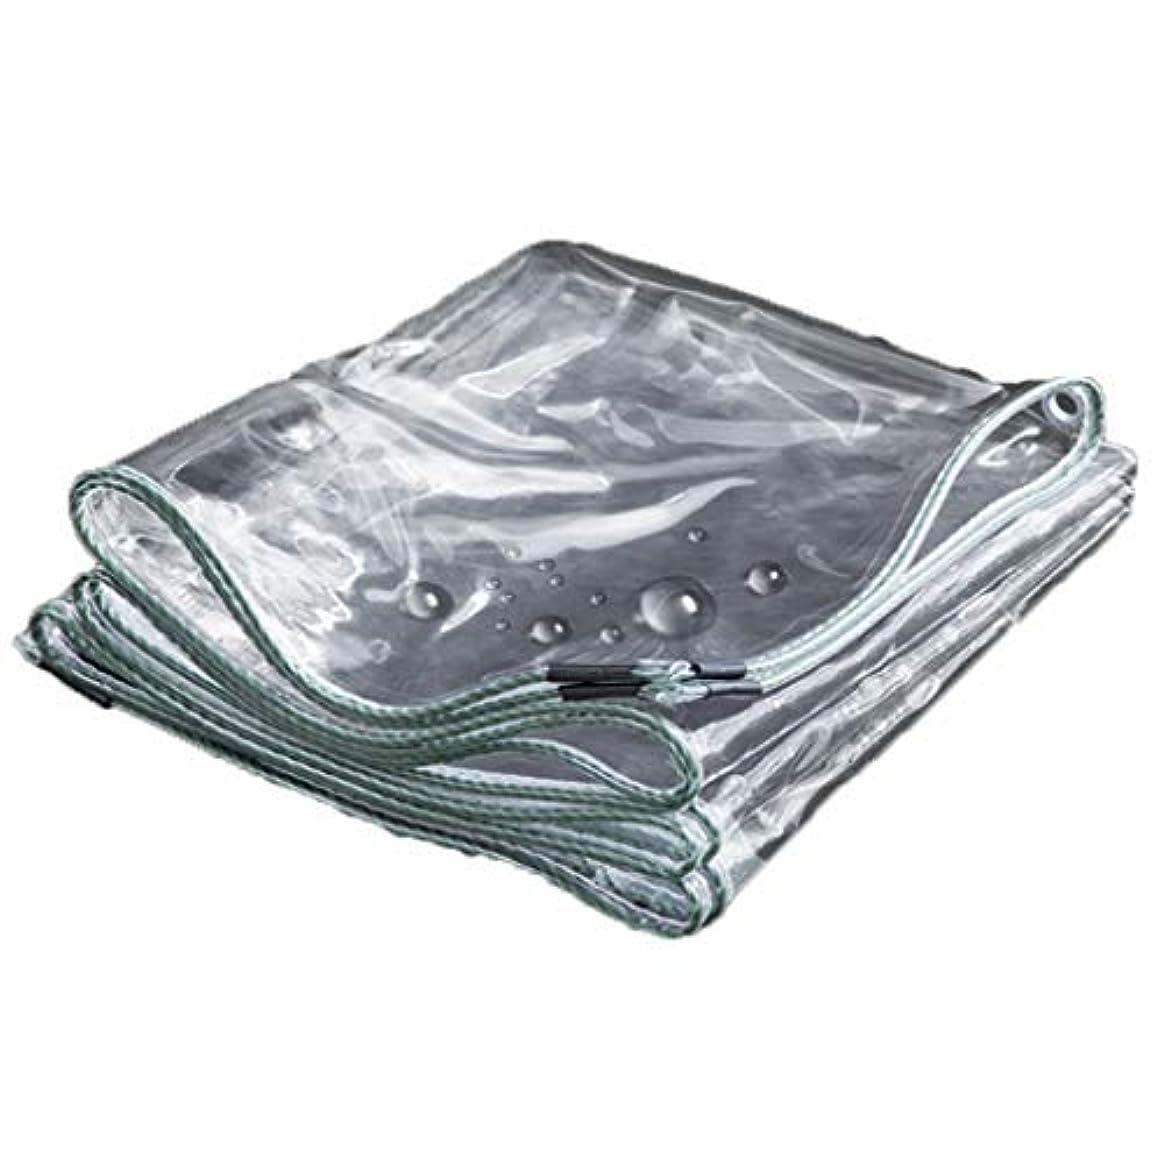 第二全く楽な樹脂ポリ塩化ビニールの防水シートのナイフのこする布の強い防水日焼け止めポンチョの家族の外のキャンプ場のスポーツのハイキングのテントの防水布の厚さ0.3 mm透明